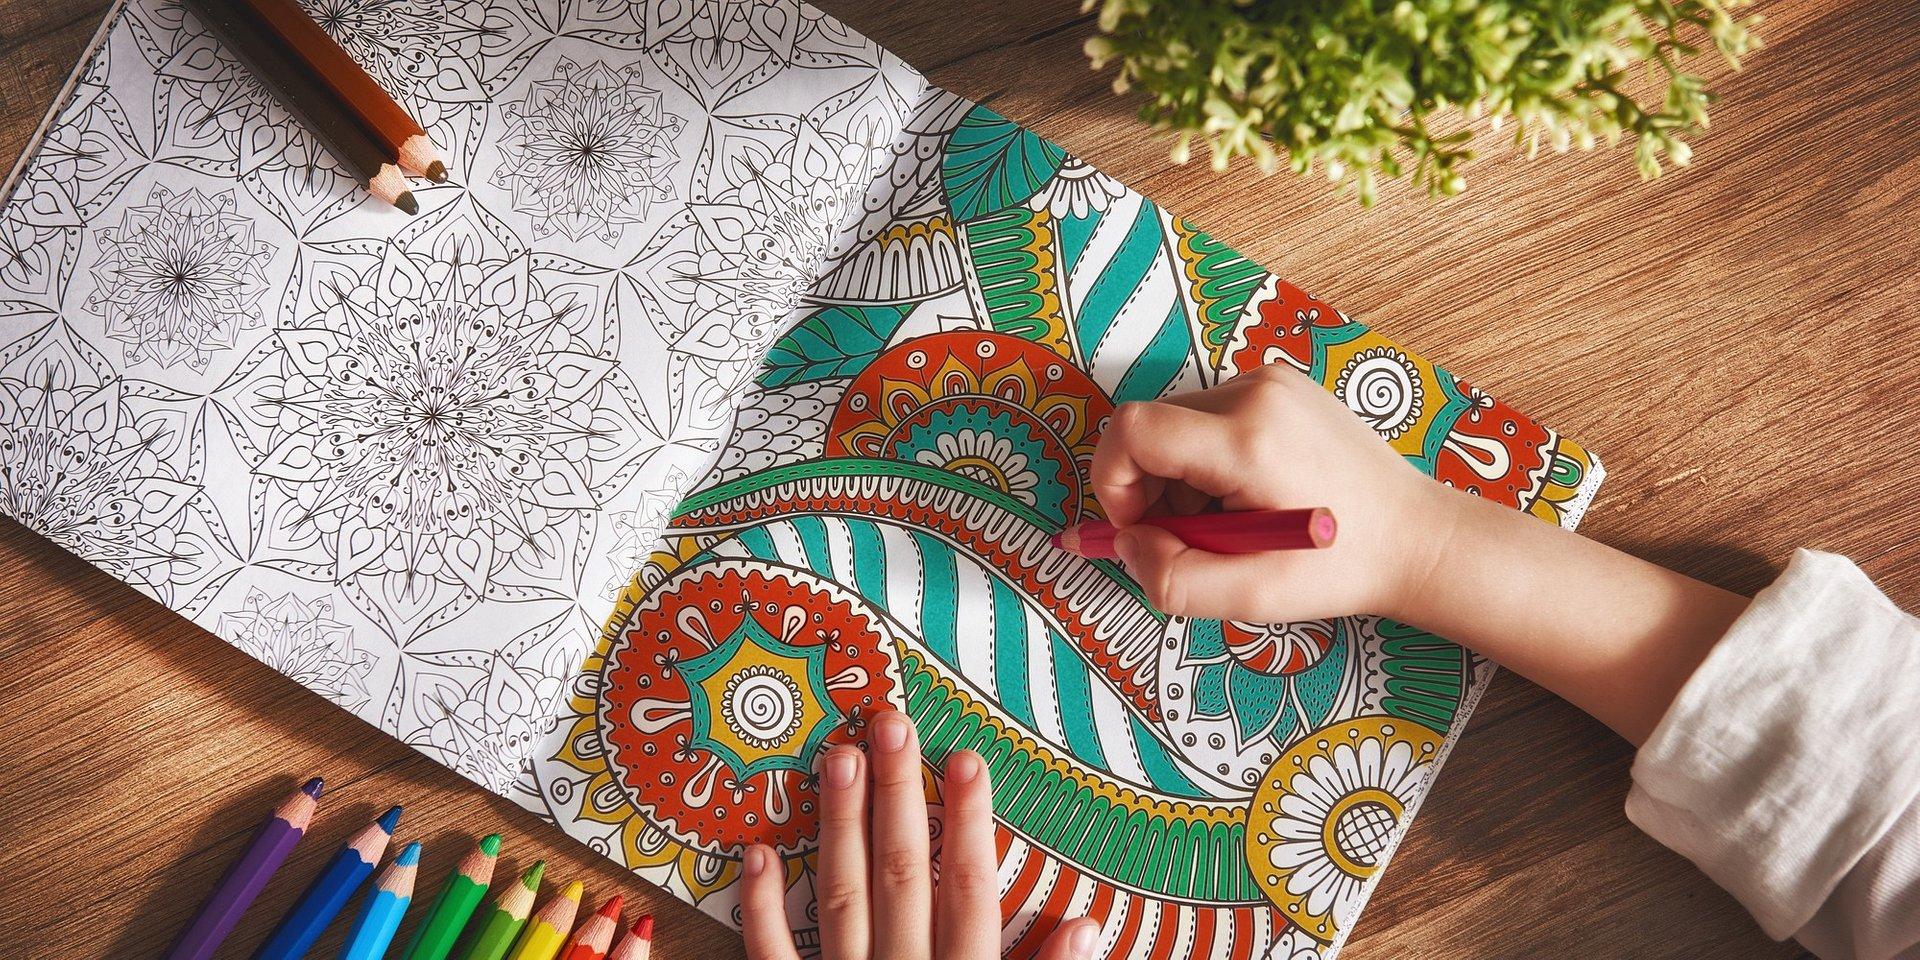 Jak kolorowanie wpływa na rozwój dziecka?